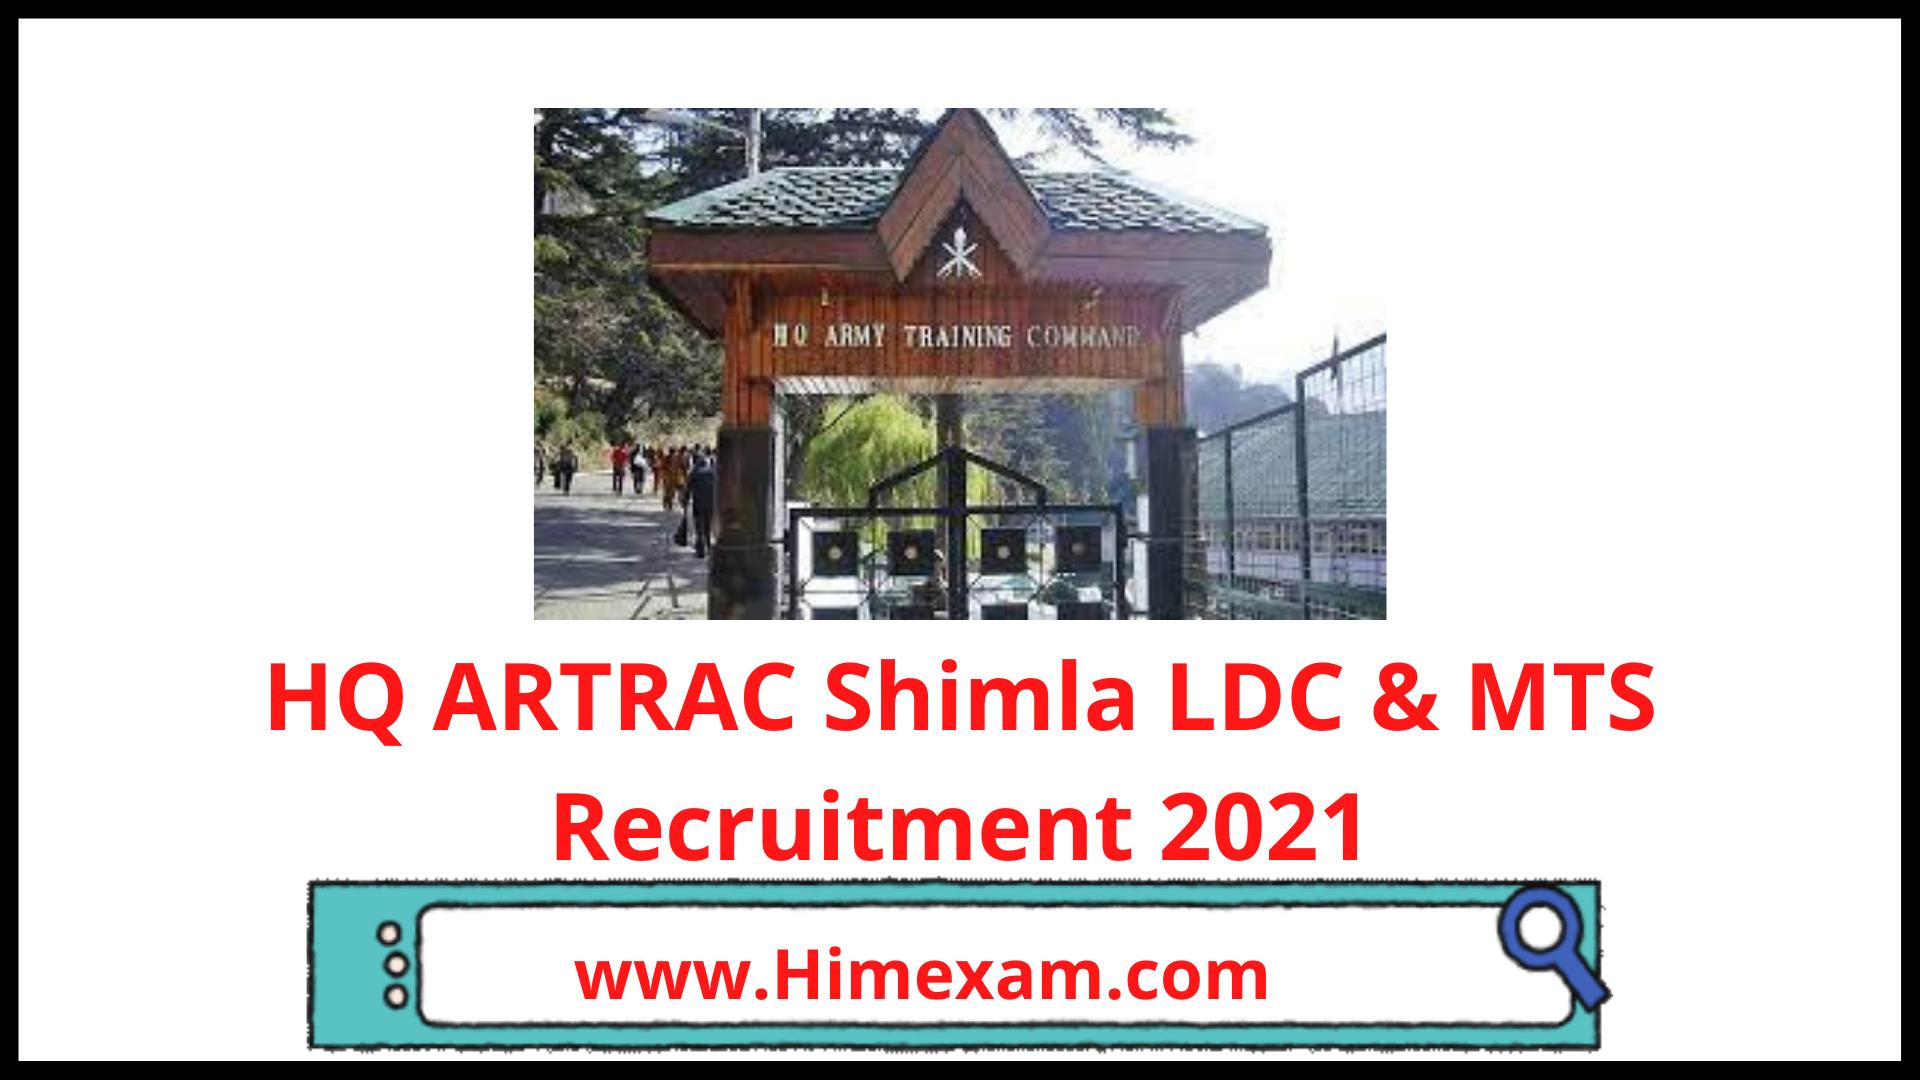 HQ ARTRAC Shimla LDC & MTS Recruitment 2021